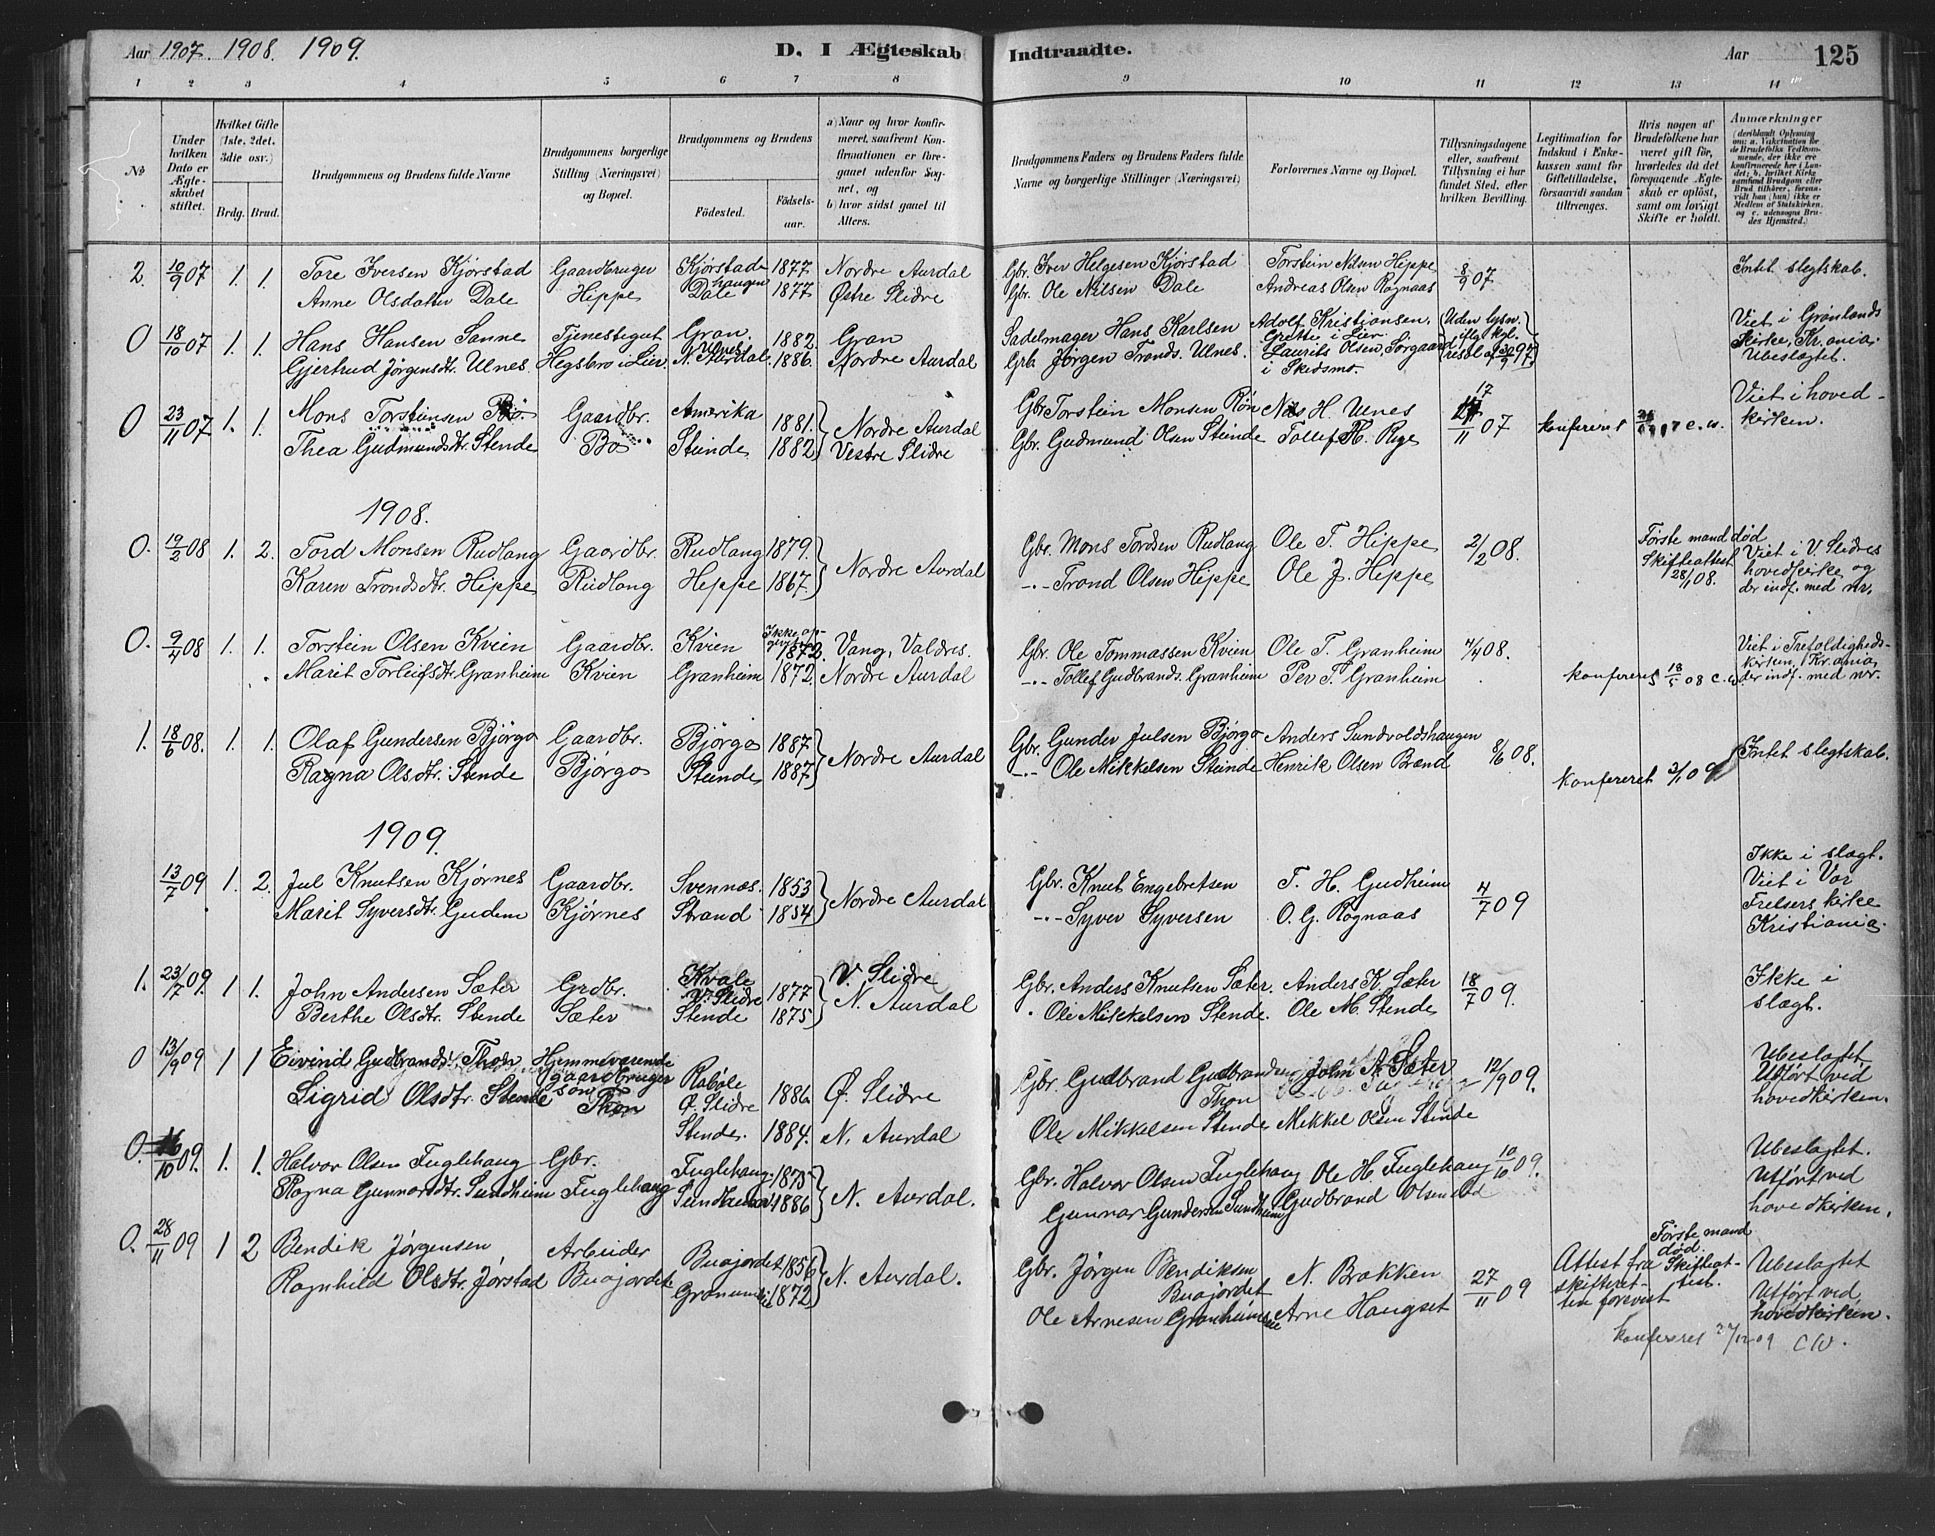 SAH, Nord-Aurdal prestekontor, Klokkerbok nr. 8, 1883-1916, s. 125